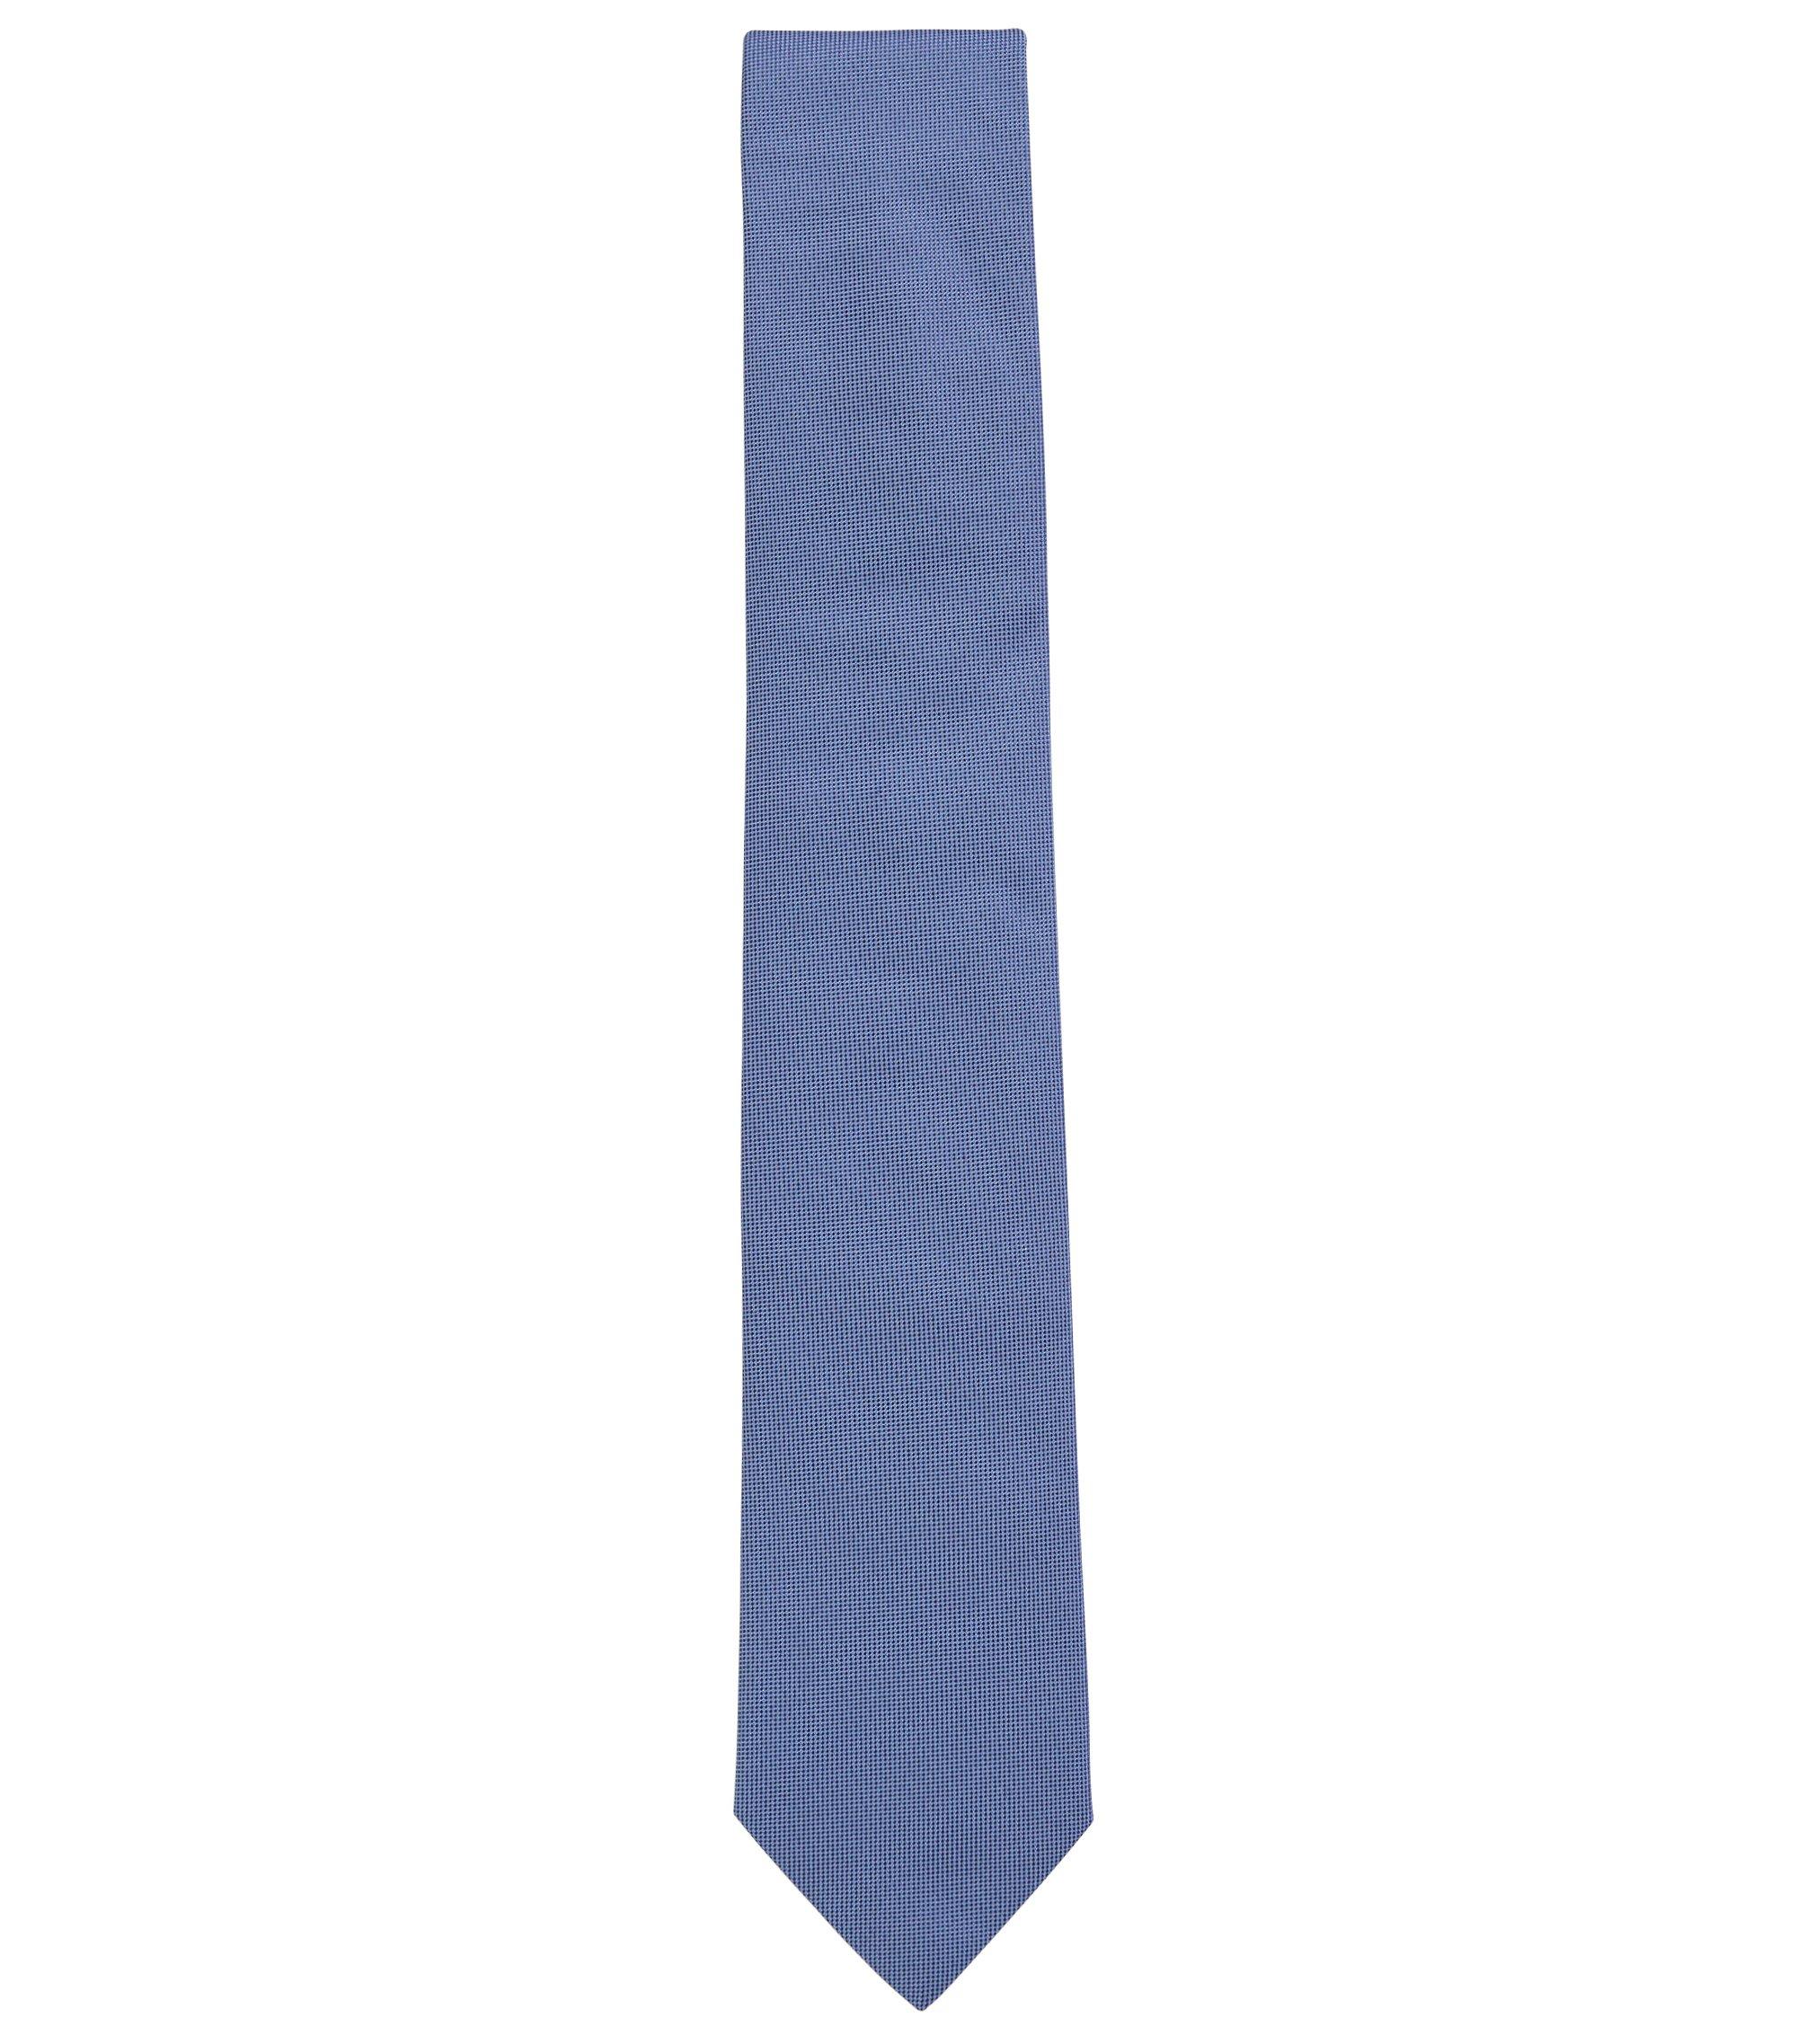 Woven pure silk tie, Lichtblauw